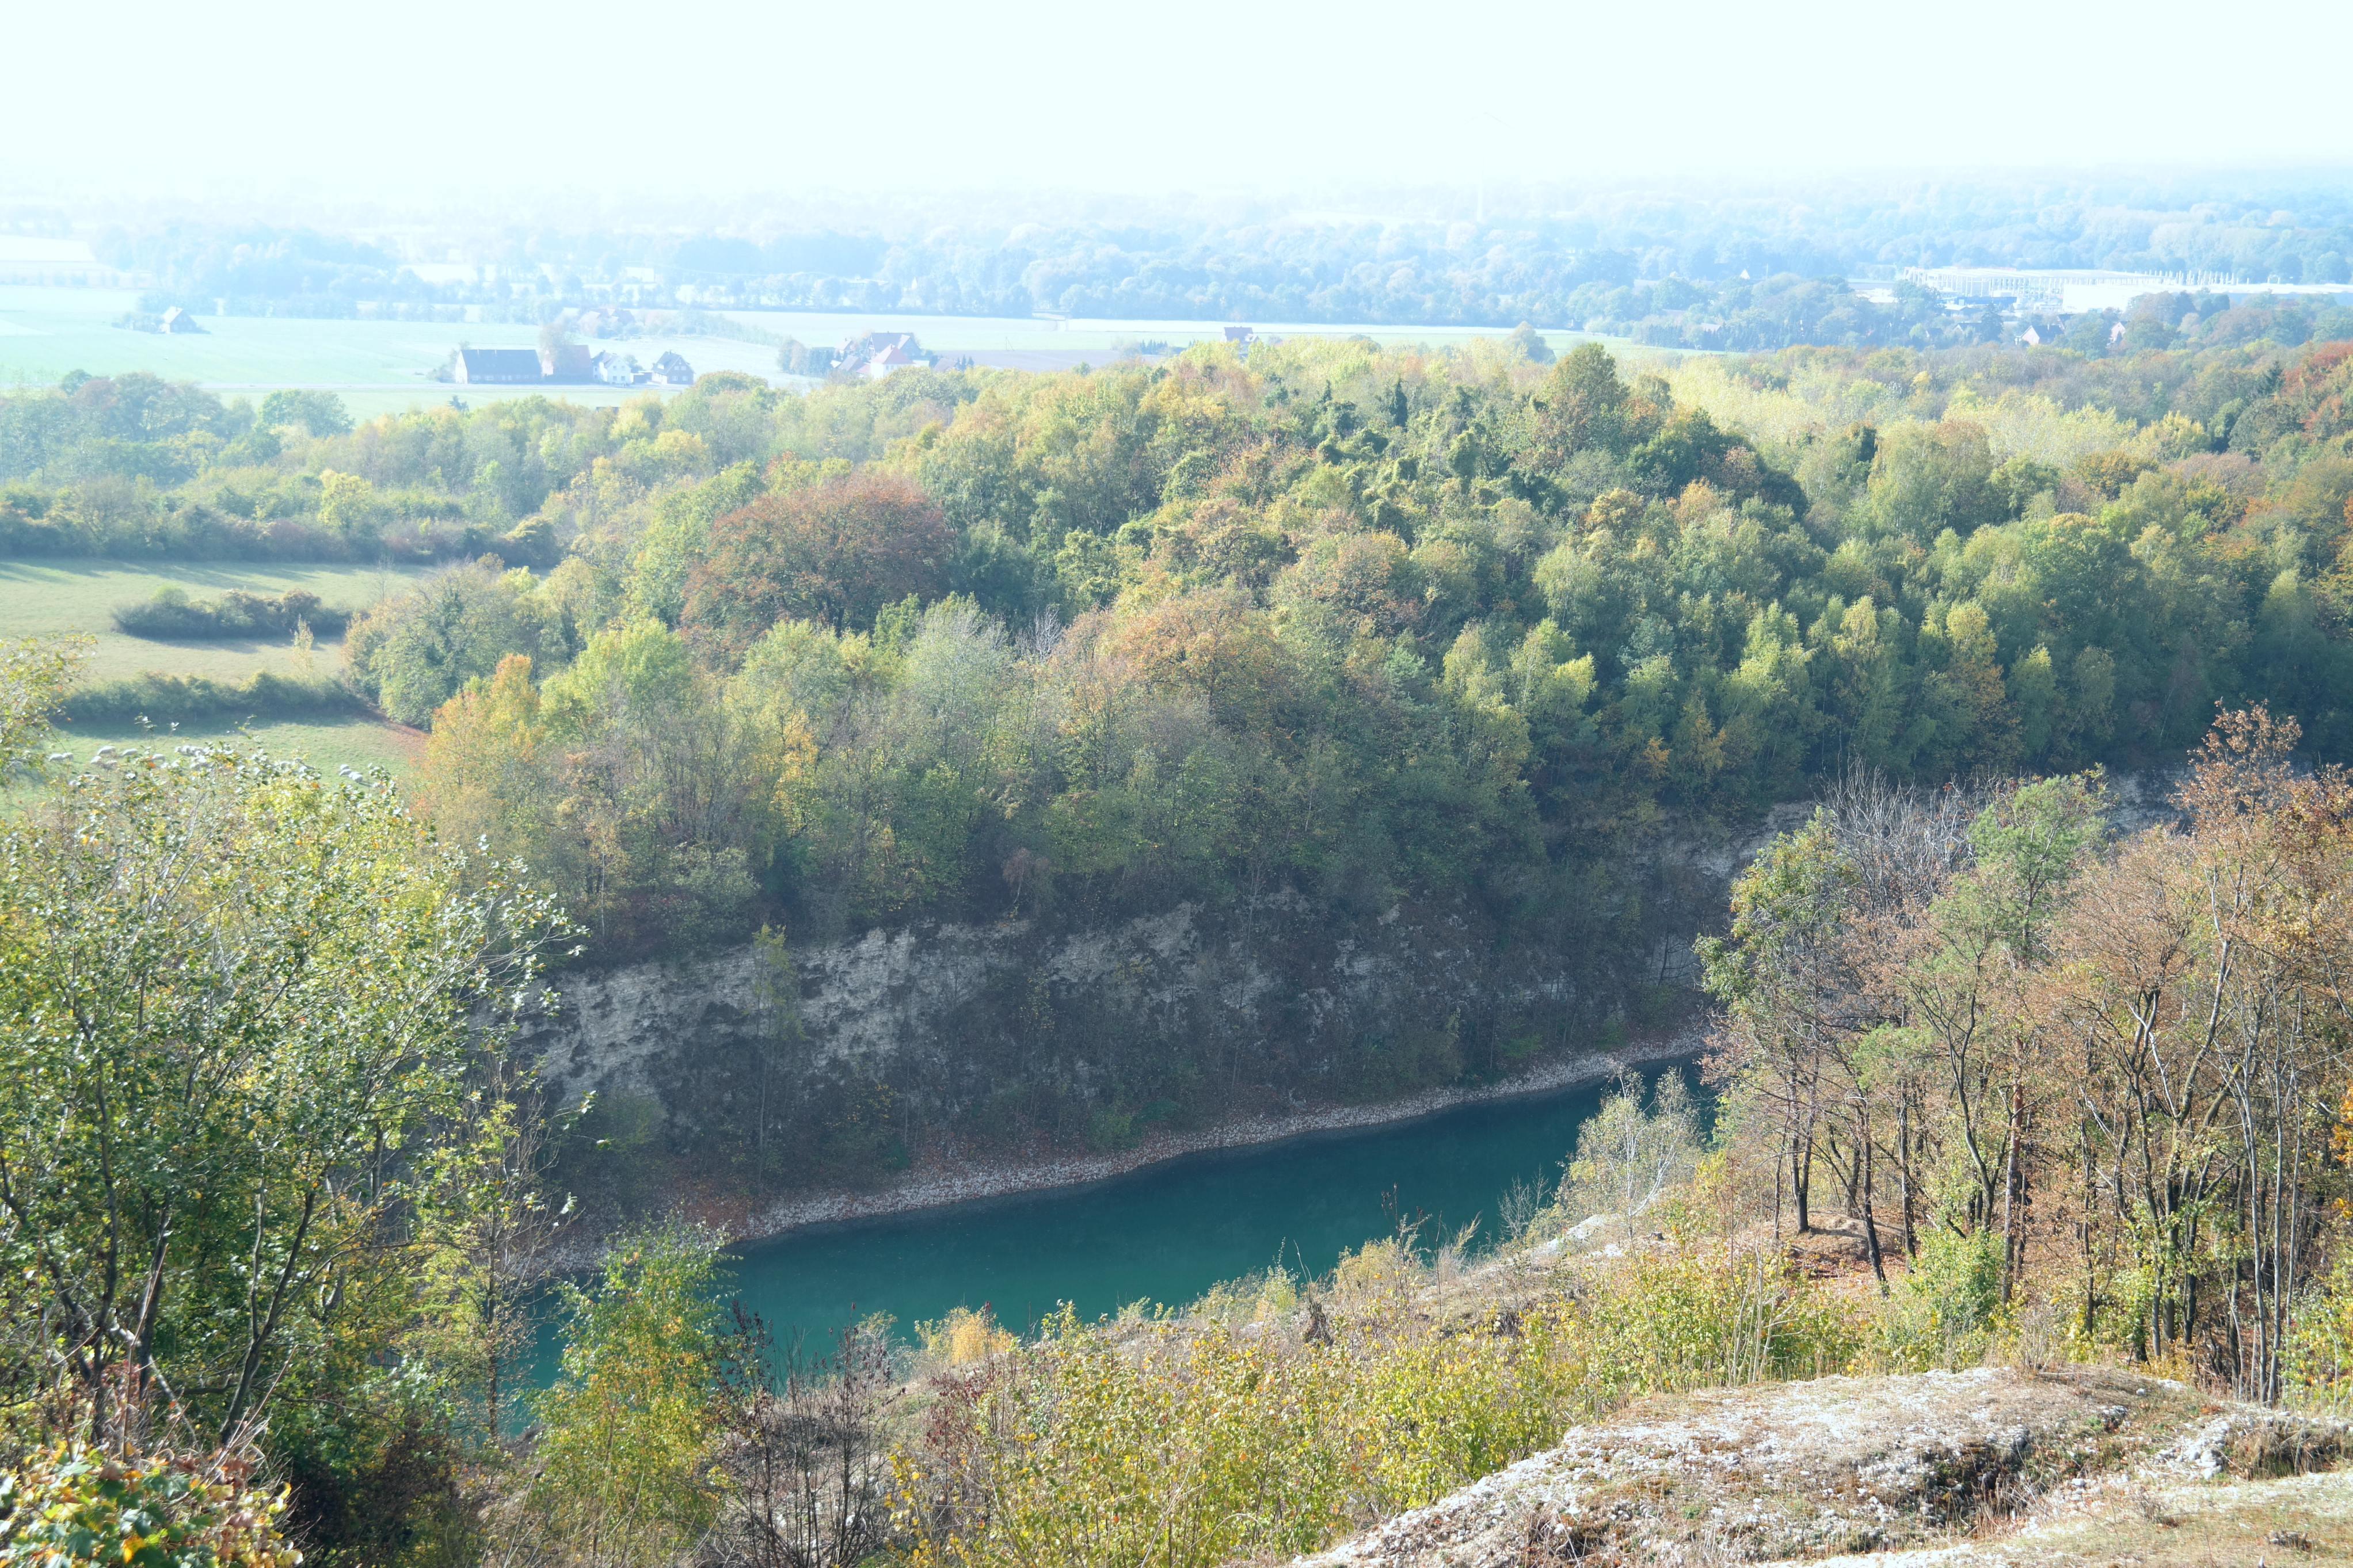 Canyon Lengerich